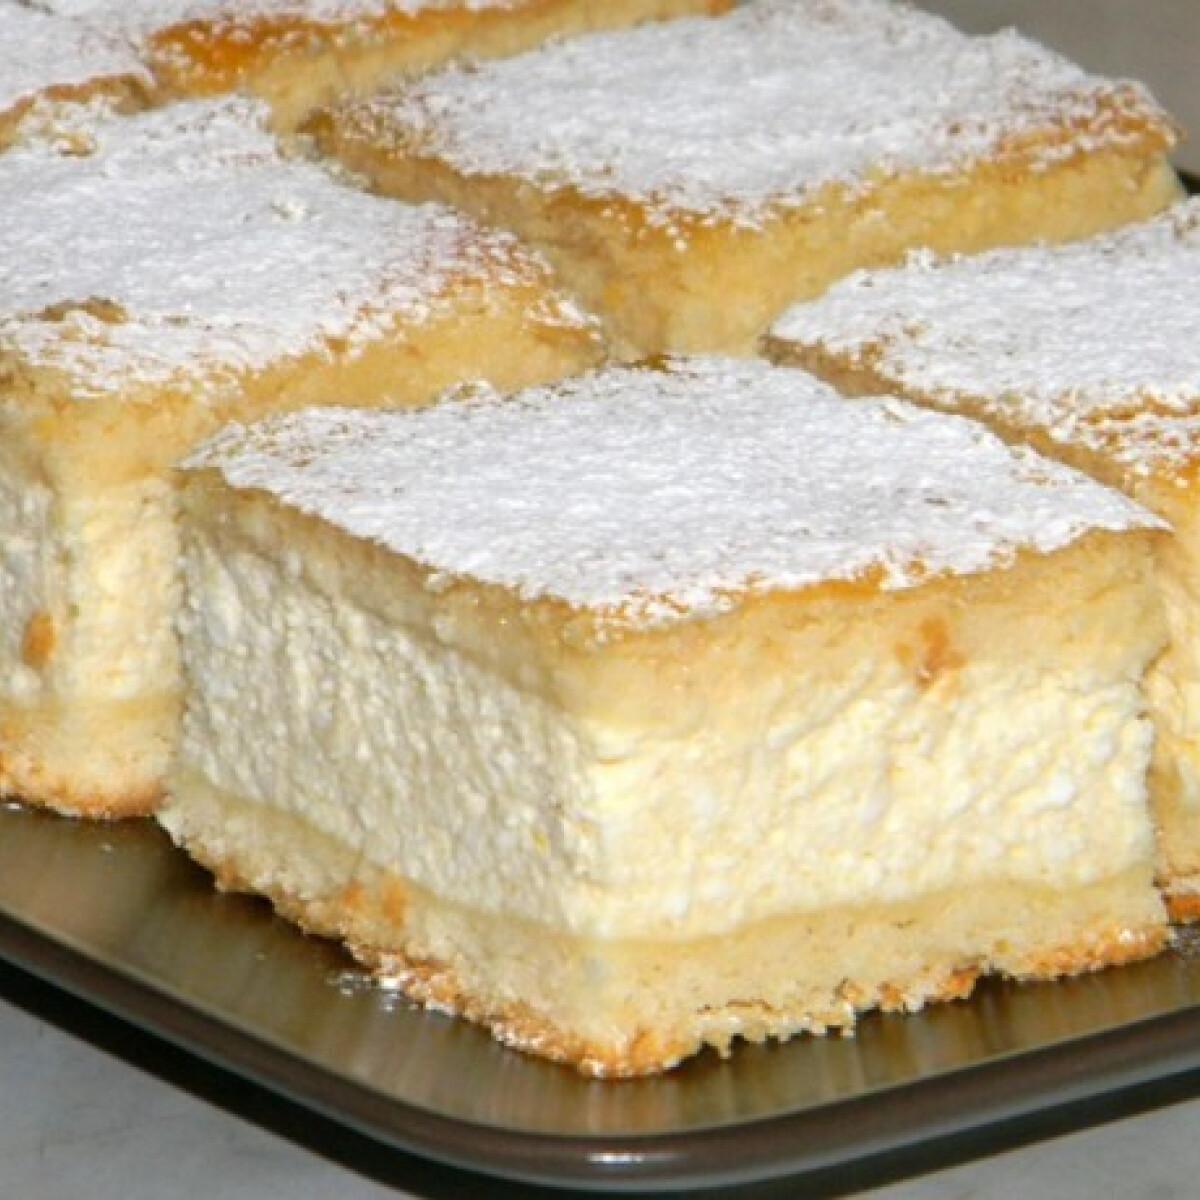 Ezen a képen: Túrós pite Szilvásgombóc konyhájából